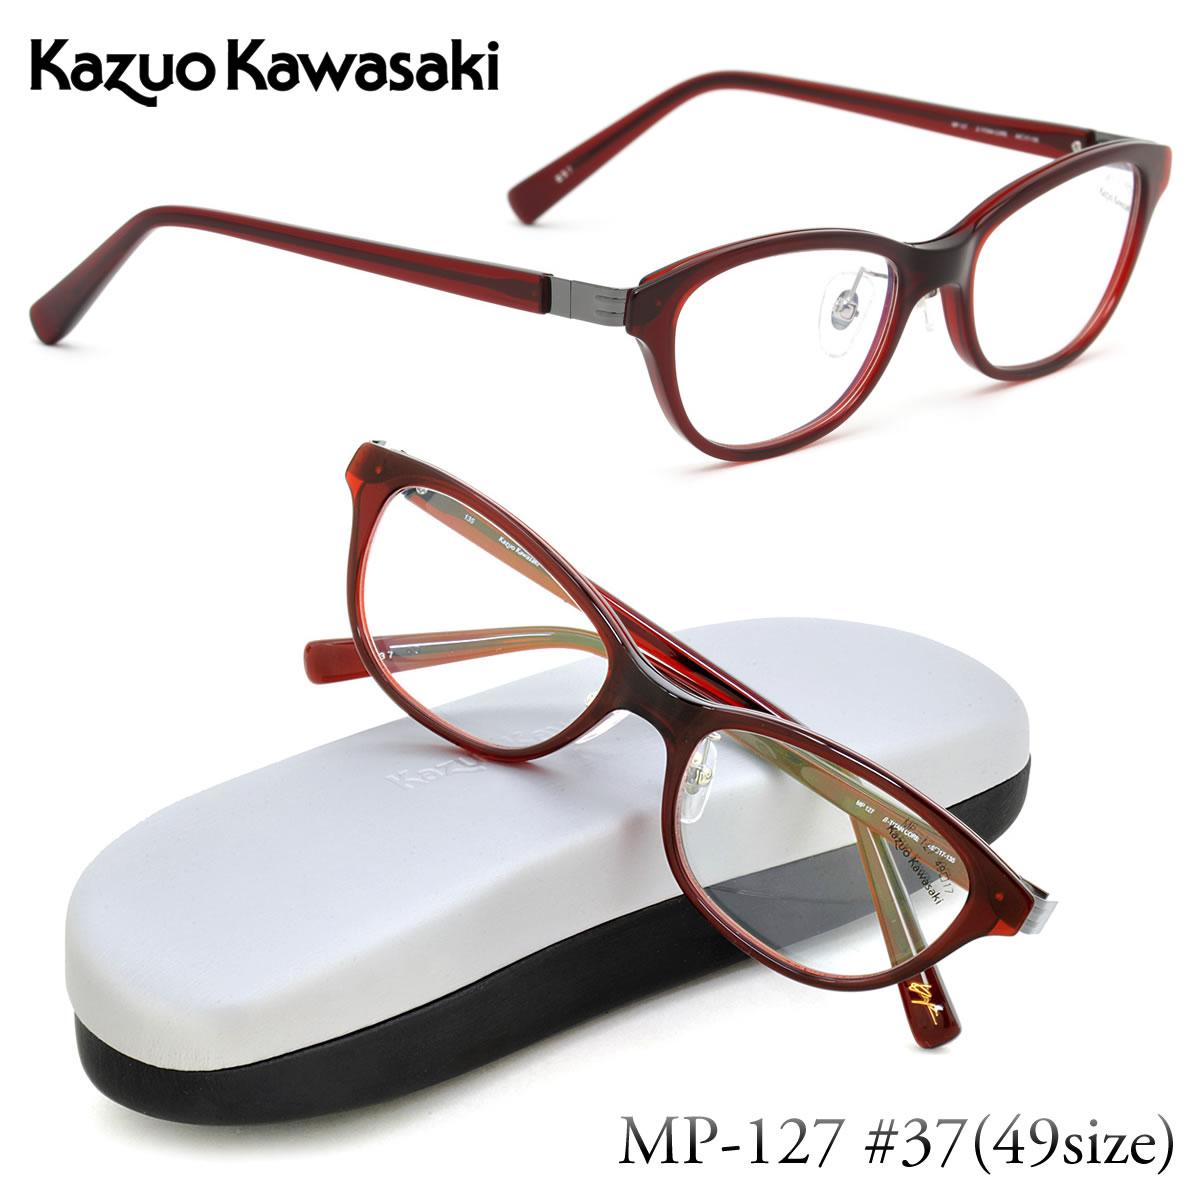 ほぼ全品ポイント15倍~20倍+15倍+2倍 【Kazuo Kawasaki】(カズオカワサキ) メガネ フレーム MP-127 37 49サイズ ウェリントン チタン 日本製 眼鏡 川崎和男 #37カズオカワサキ Kazuo Kawasaki メンズ レディース